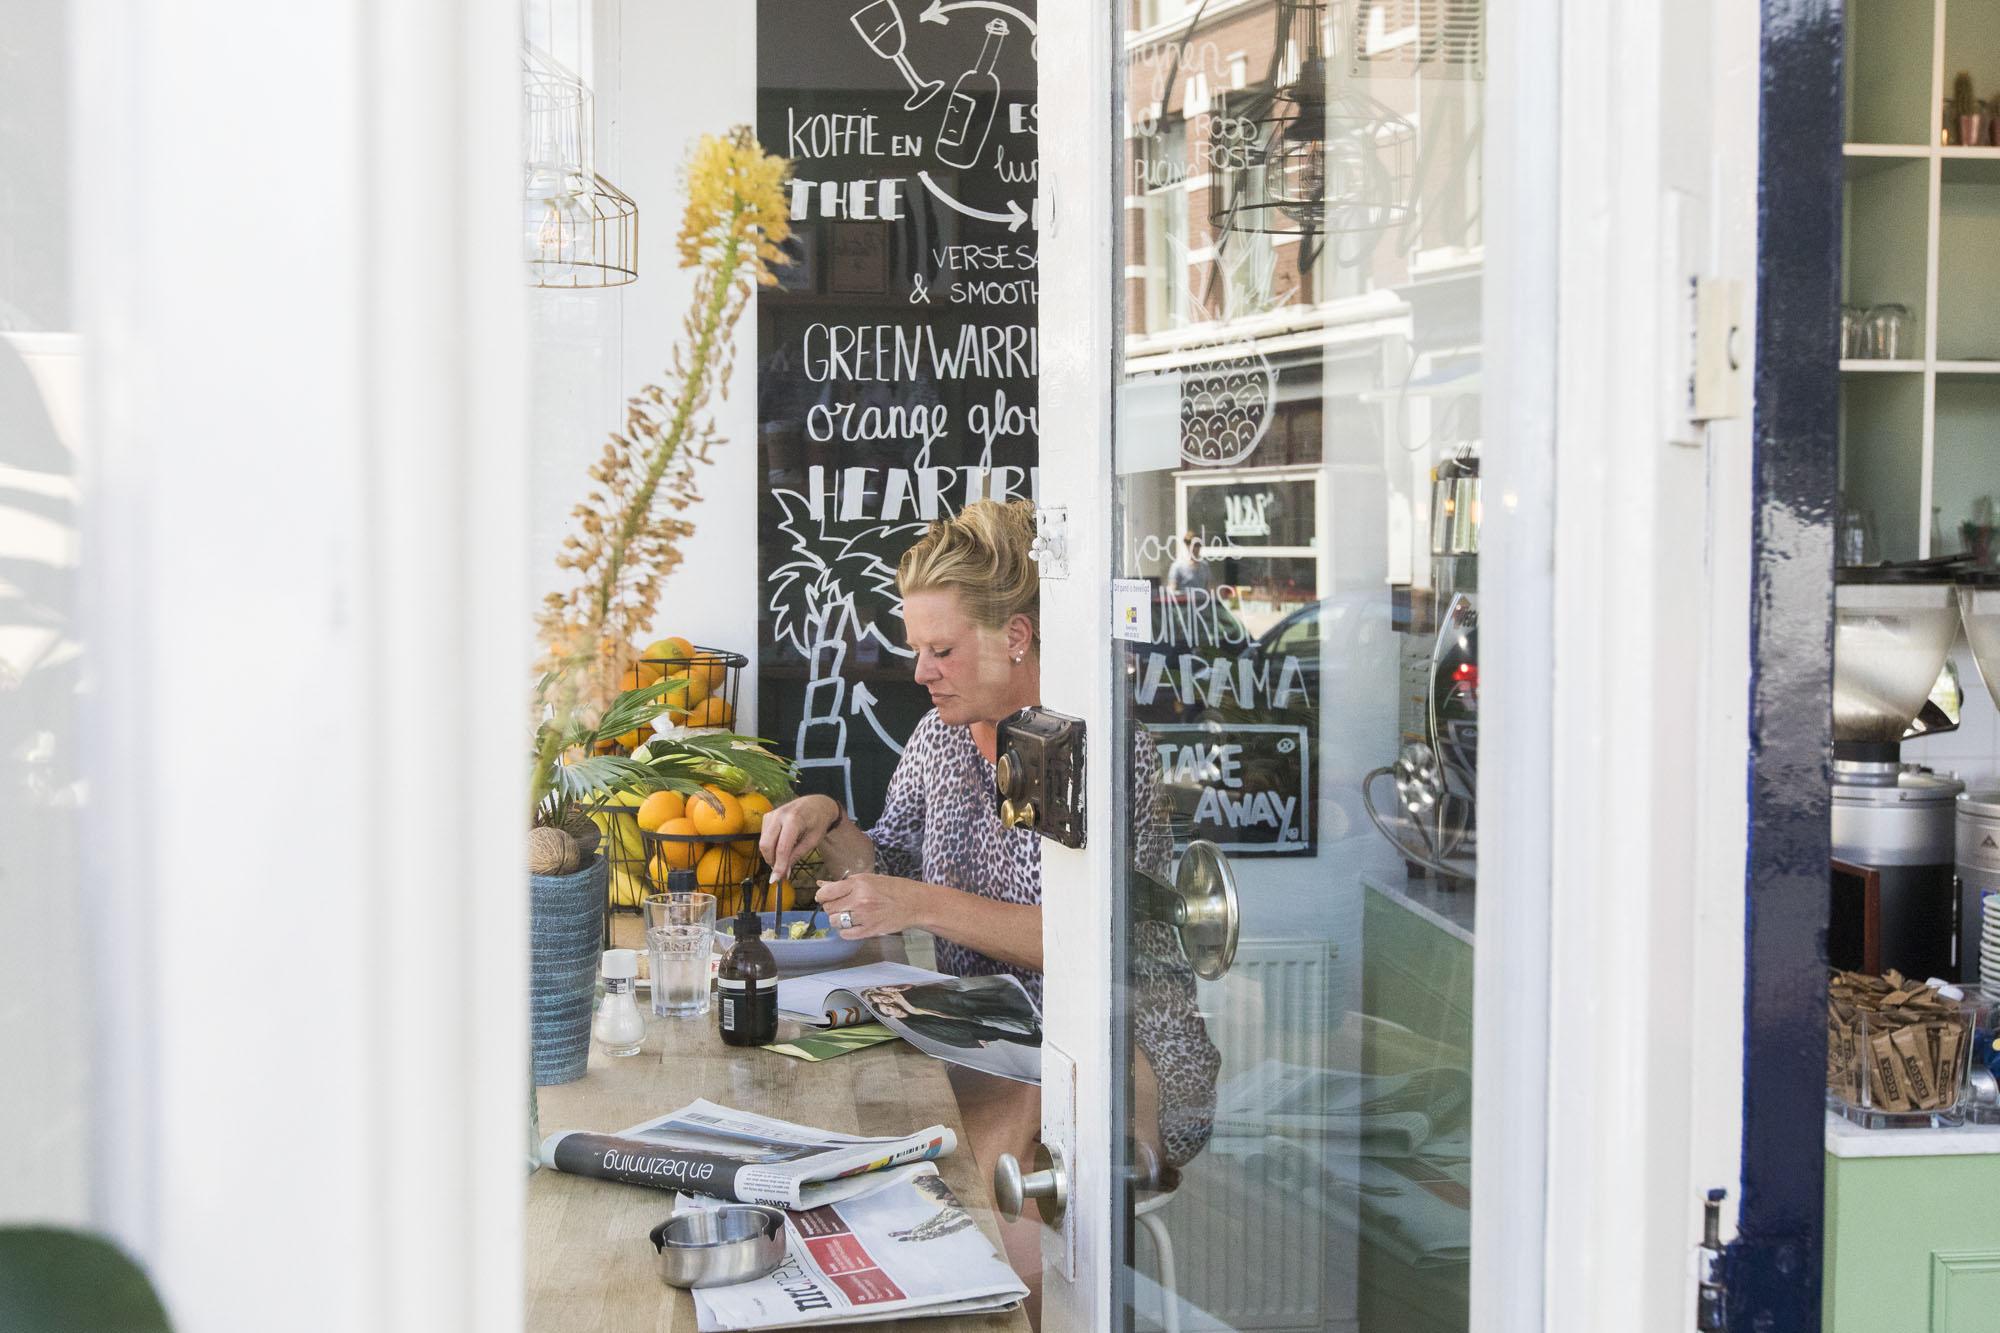 Foto van café in Den Haag door fotograaf Juri Hiensch